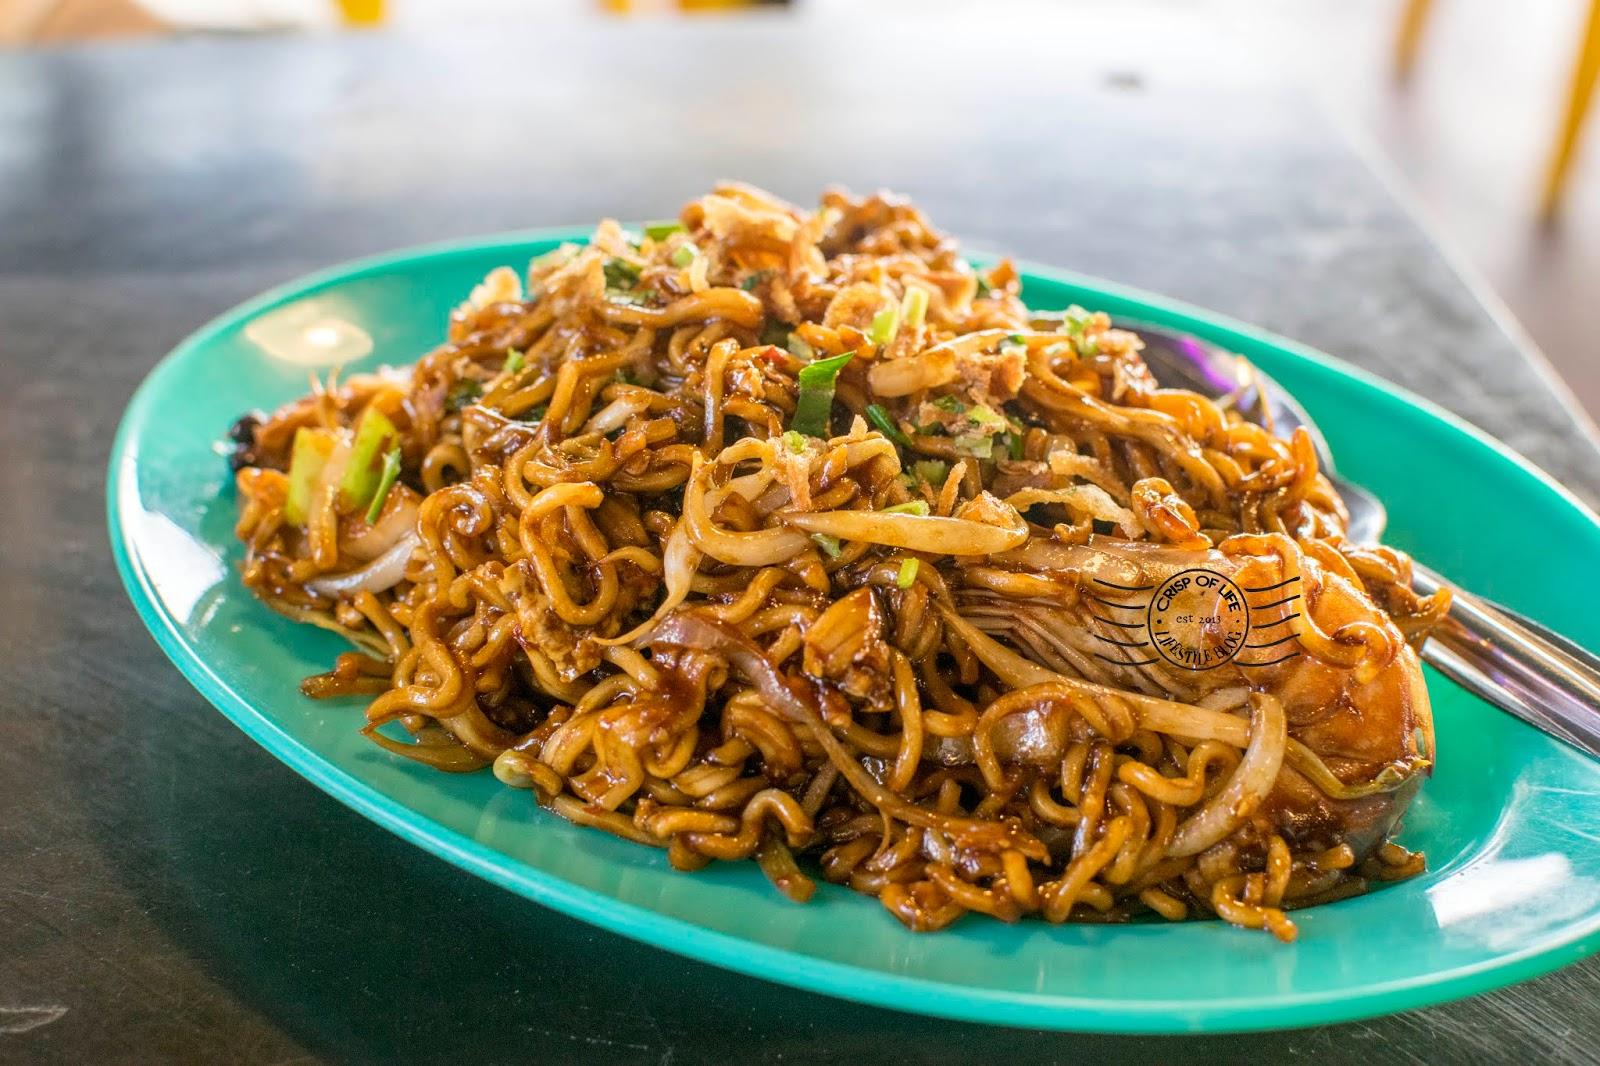 Best Halal Special Char Koay Teow in Penang-Char Koay Teow Pinang Sebatang